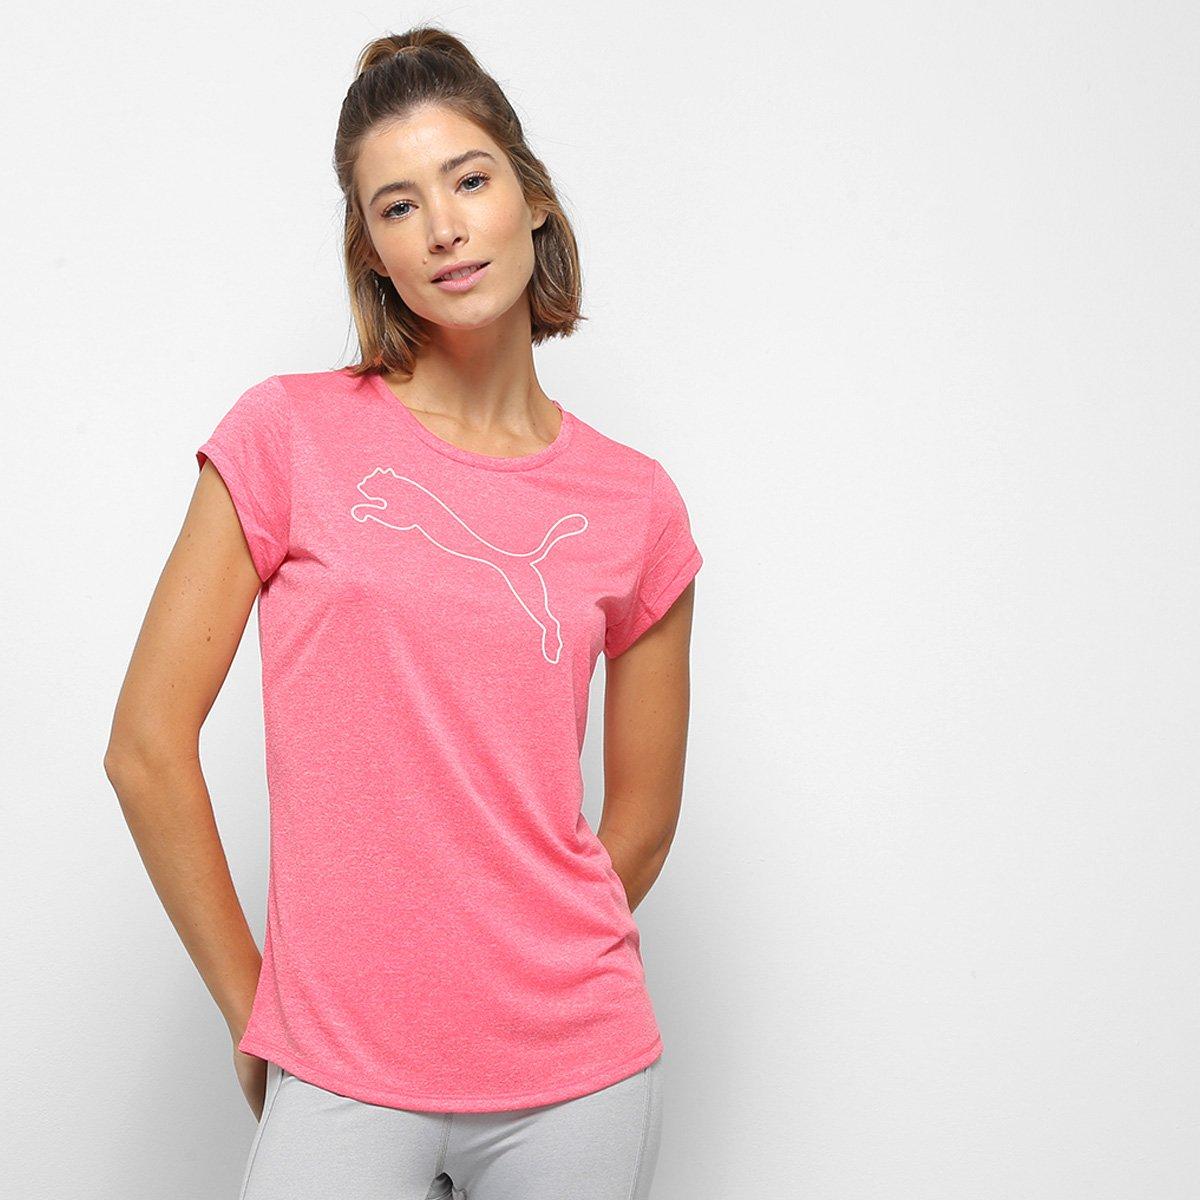 Camiseta Puma Active Heather Feminina - Tam: G